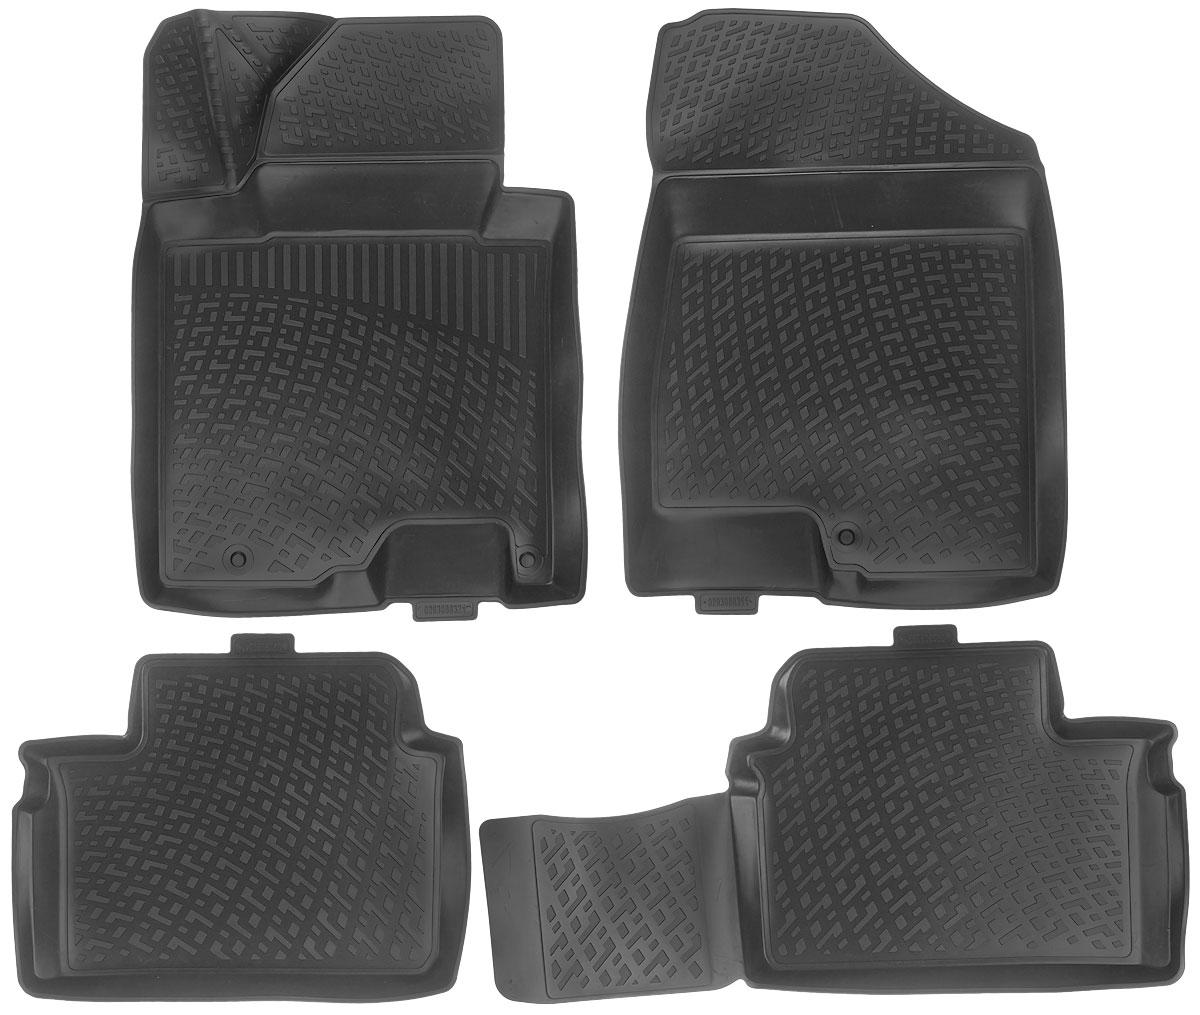 Набор автомобильных ковриков L.Locker Kia Ceed (3) Hatchback 2012, в салон, 4 штAL-350Набор L.Locker Kia Ceed (3) Hatchback 2012, изготовленный из полиуретана, состоит из 4 антискользящих 3D ковриков, которые производятся индивидуально для каждой модели автомобиля. Изделие точно повторяет геометрию пола автомобиля, имеет высокий борт, обладает повышенной износоустойчивостью, лишено резкого запаха и сохраняет свои потребительские свойства в широком диапазоне температур от -50°С до +50°С.Комплектация: 4 шт.Размер ковриков: 76 см х 57 см; 89 см х 47 см; 58 см х 47 см; 77 см х 56 см.